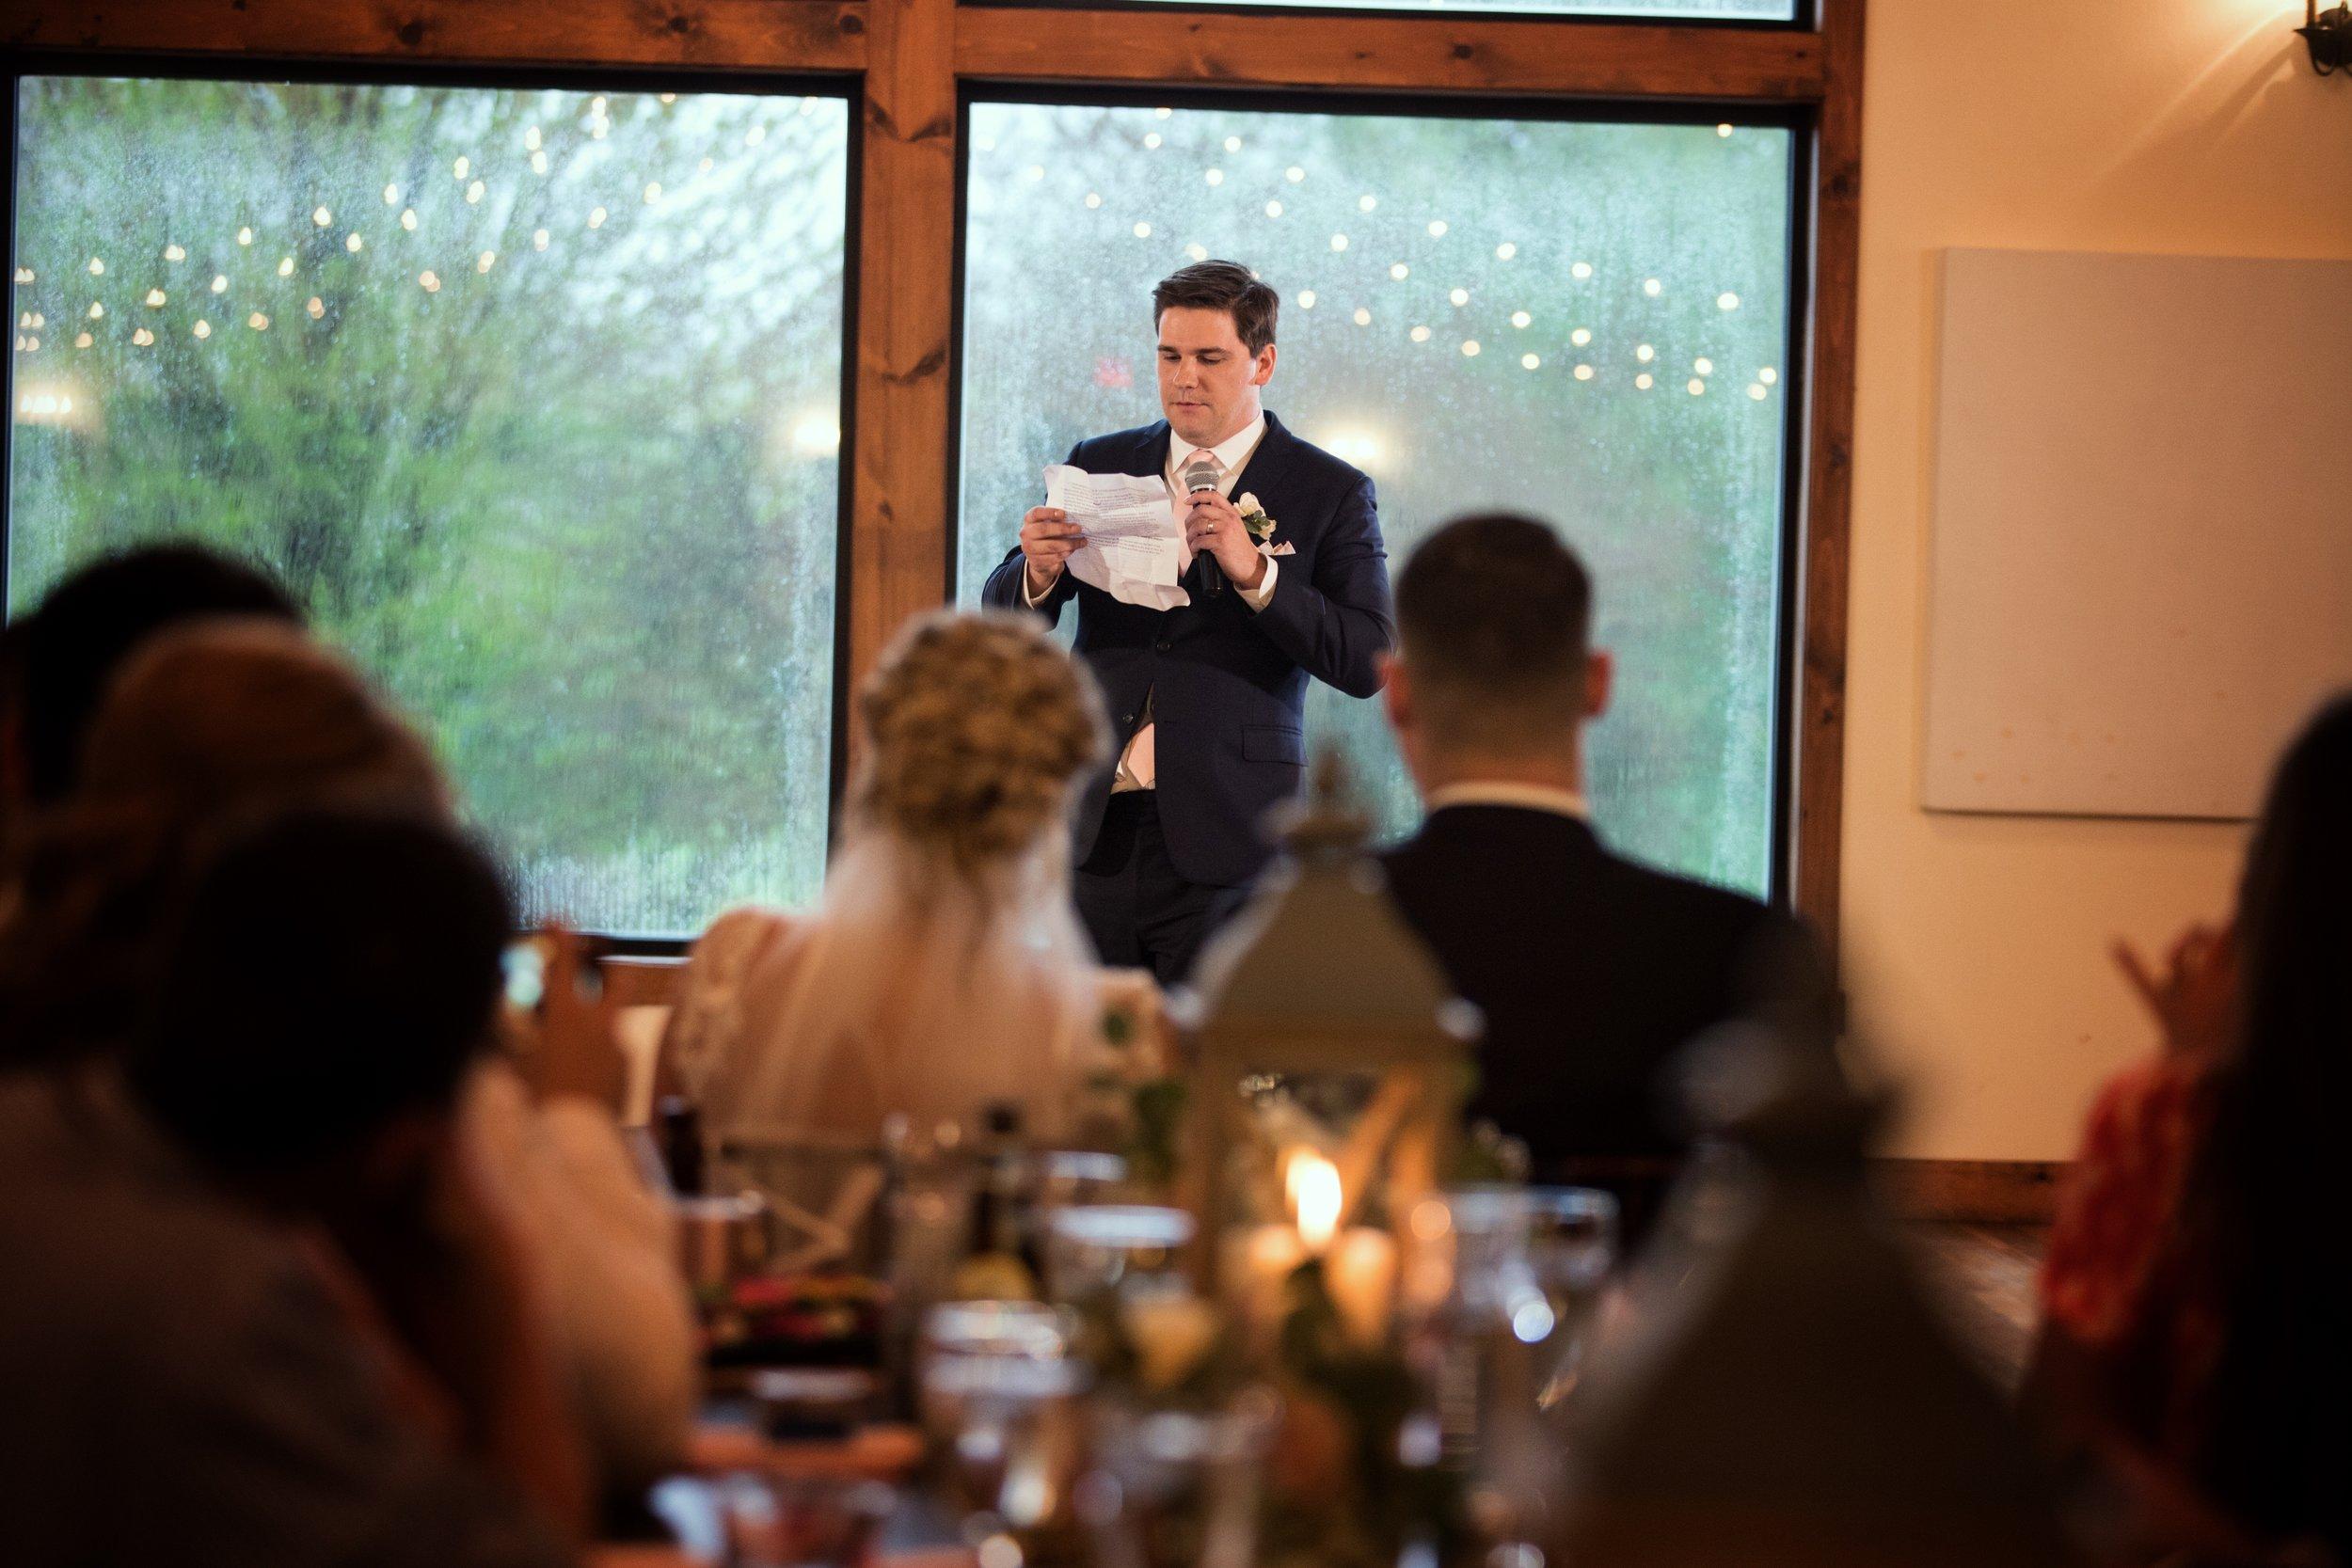 best-man-wedding-day-speech-at-the-barn-at-hornbaker-gardens.jpeg